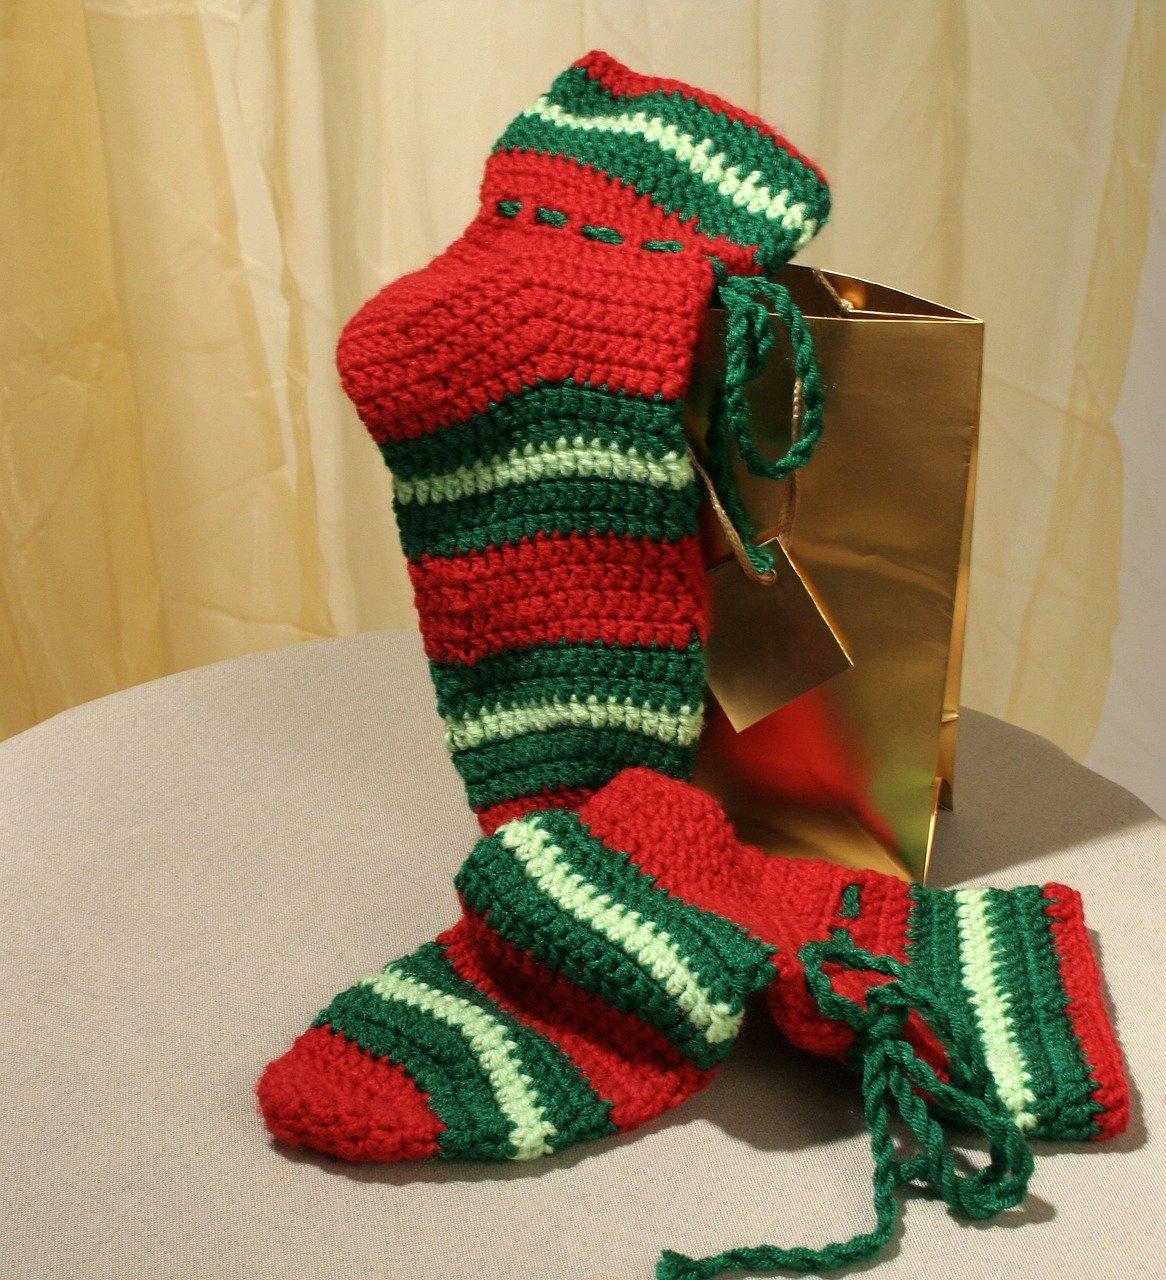 skarpety święta boże narodzenie prezent